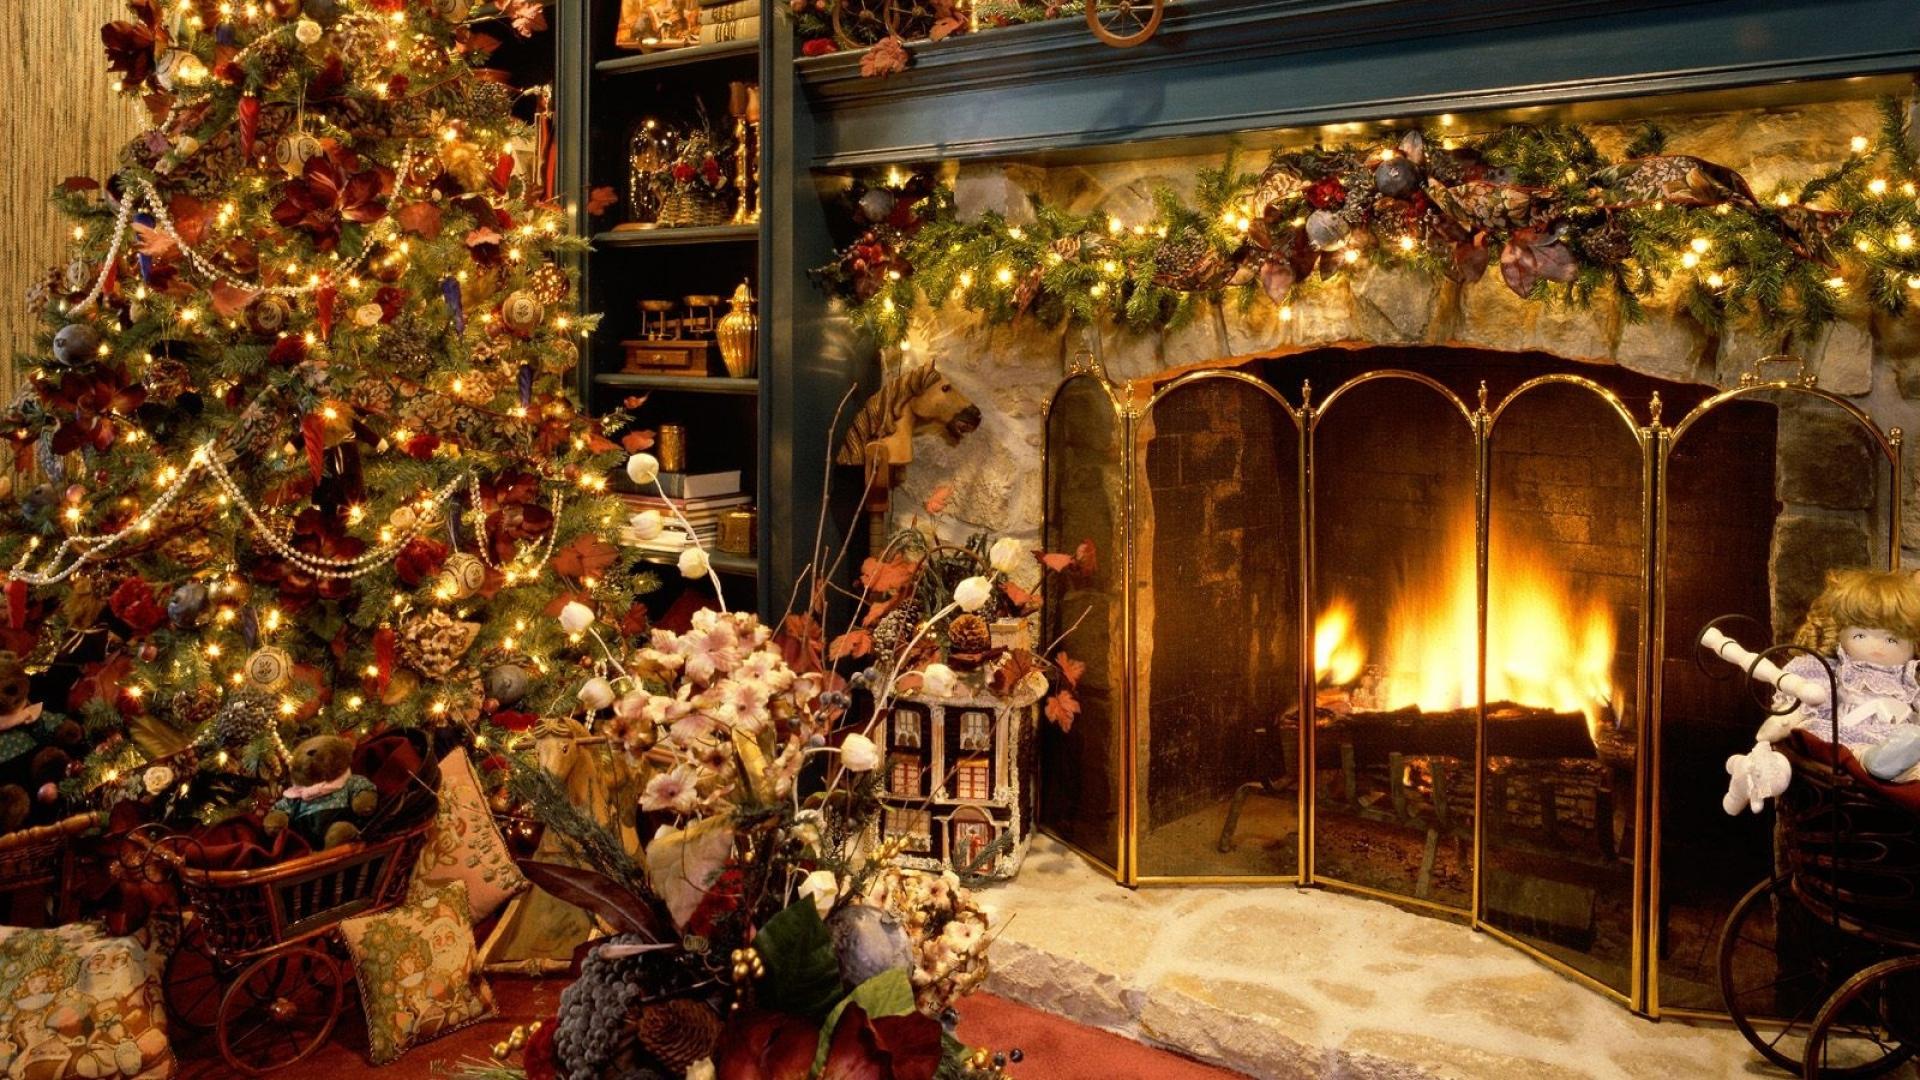 Рождественский интерьер: Топ-5 идей оформления